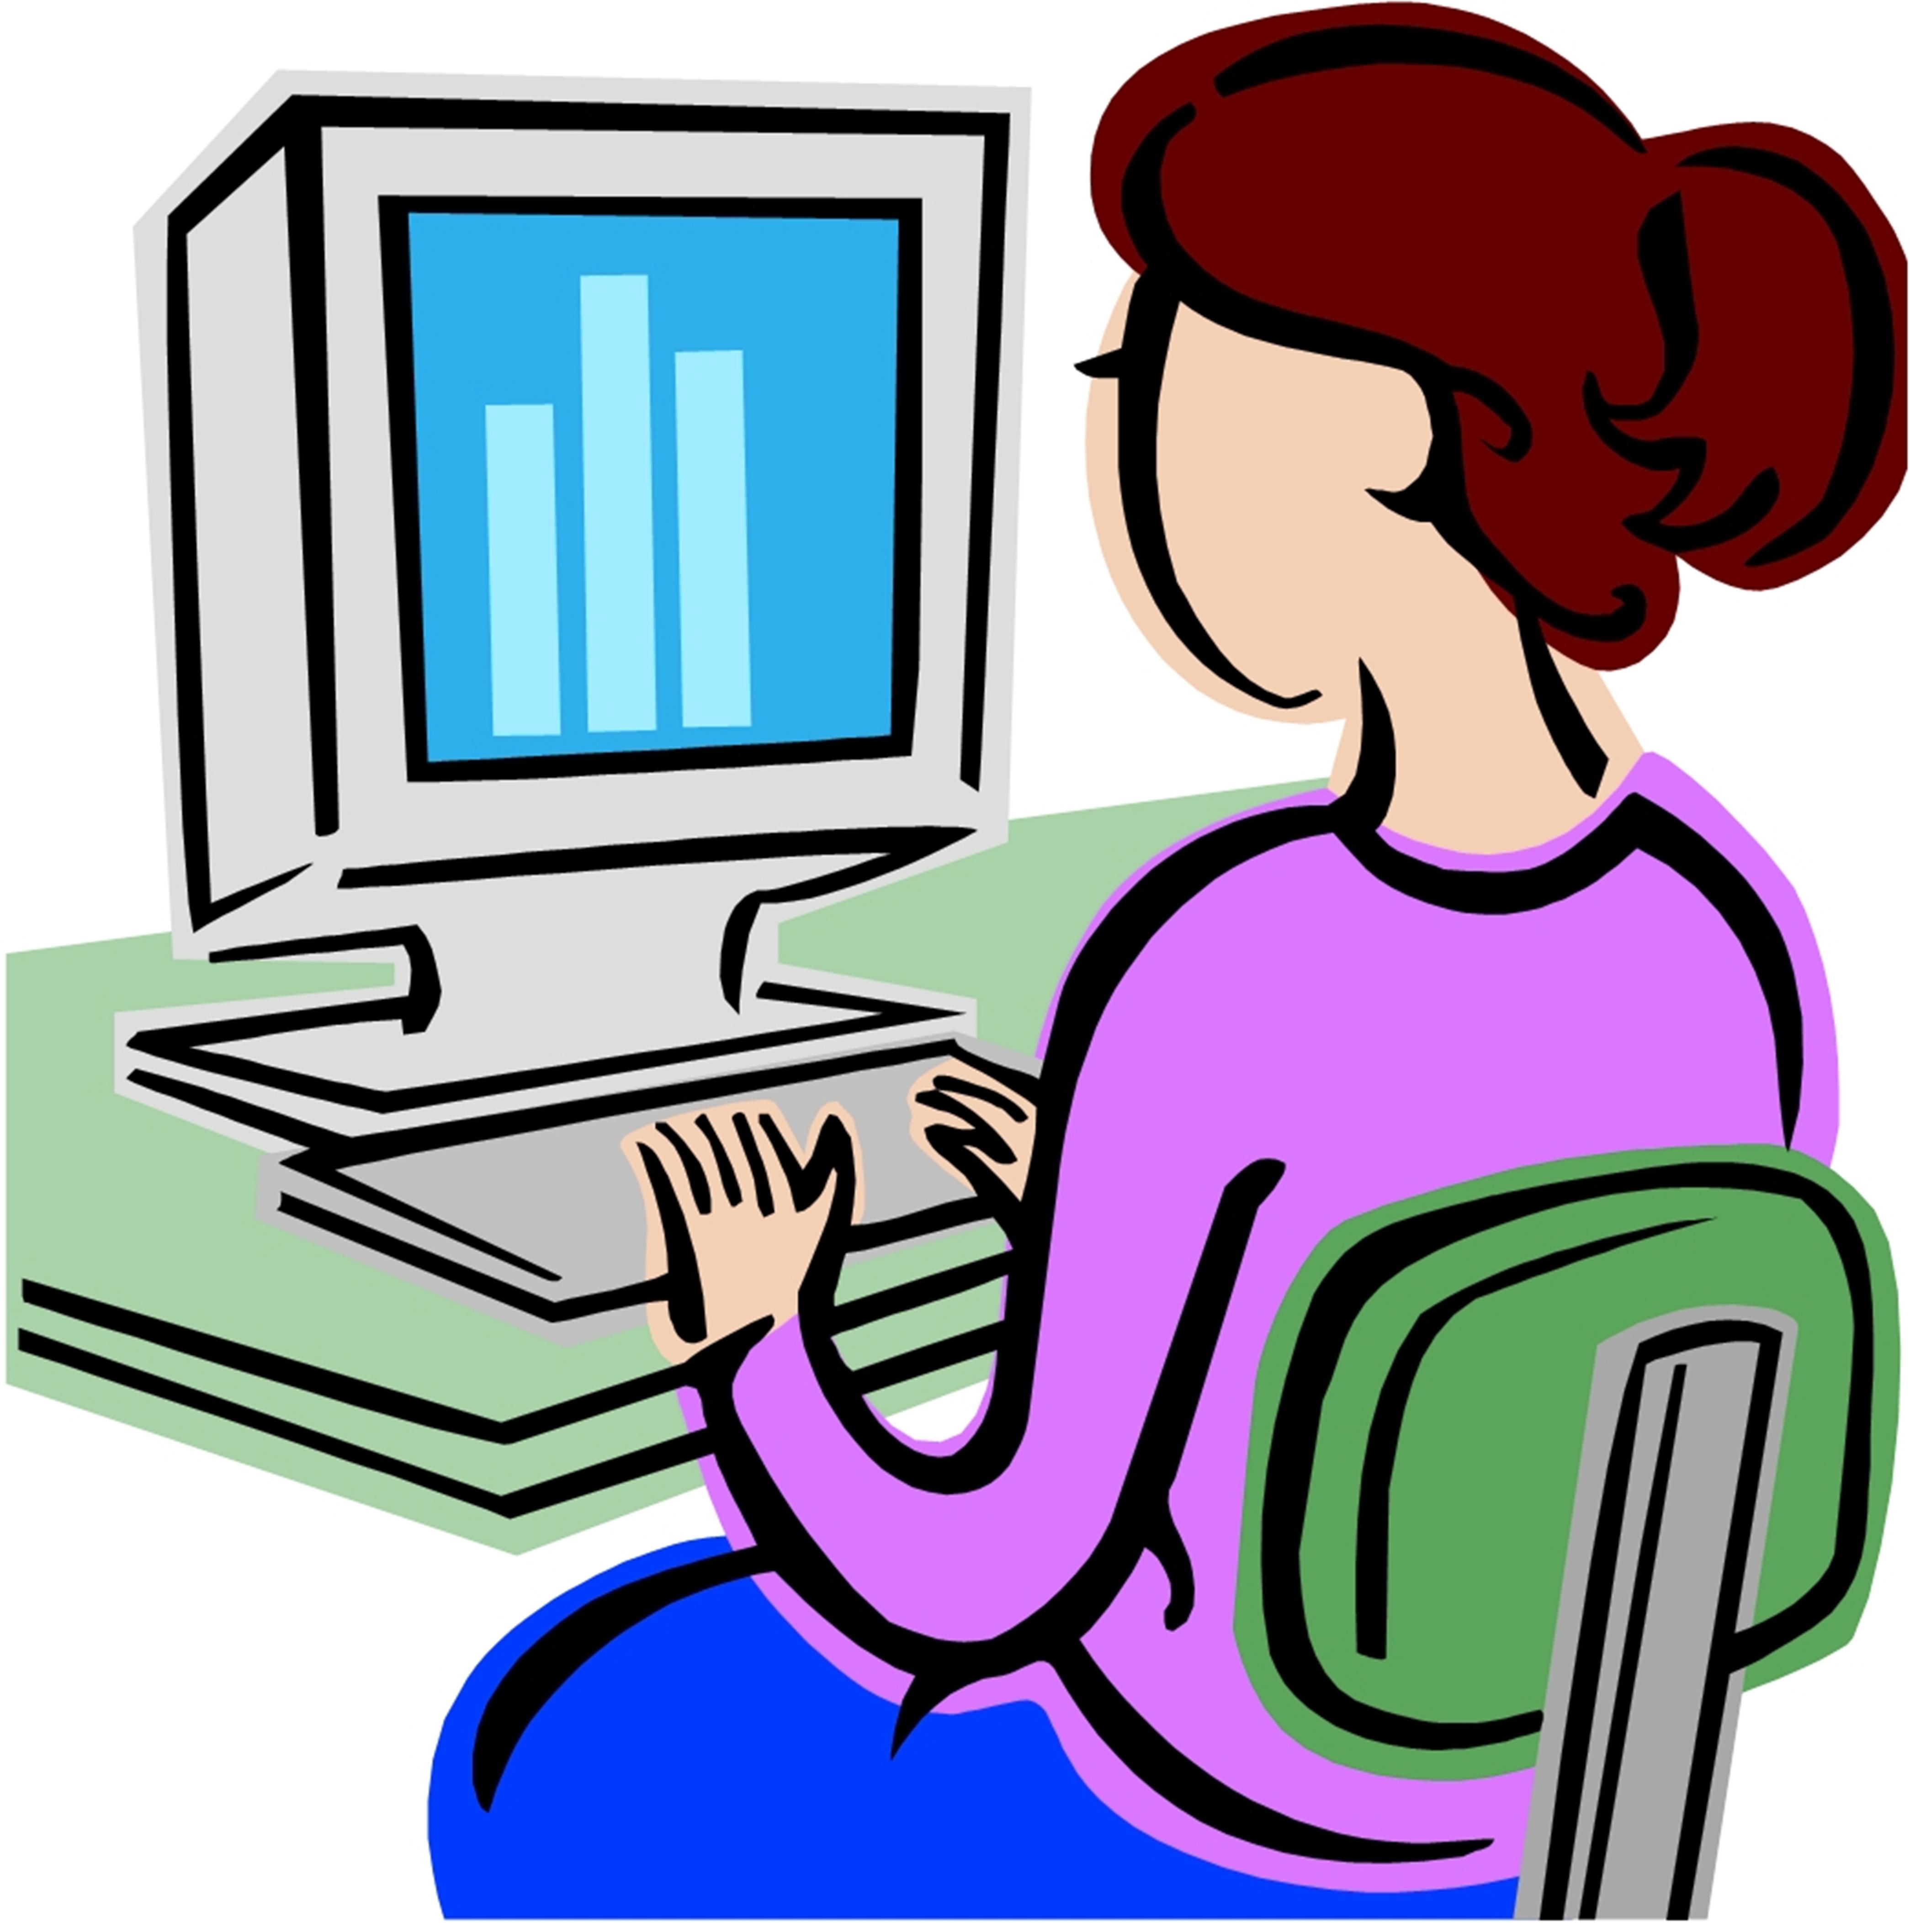 Computer classes clipart.